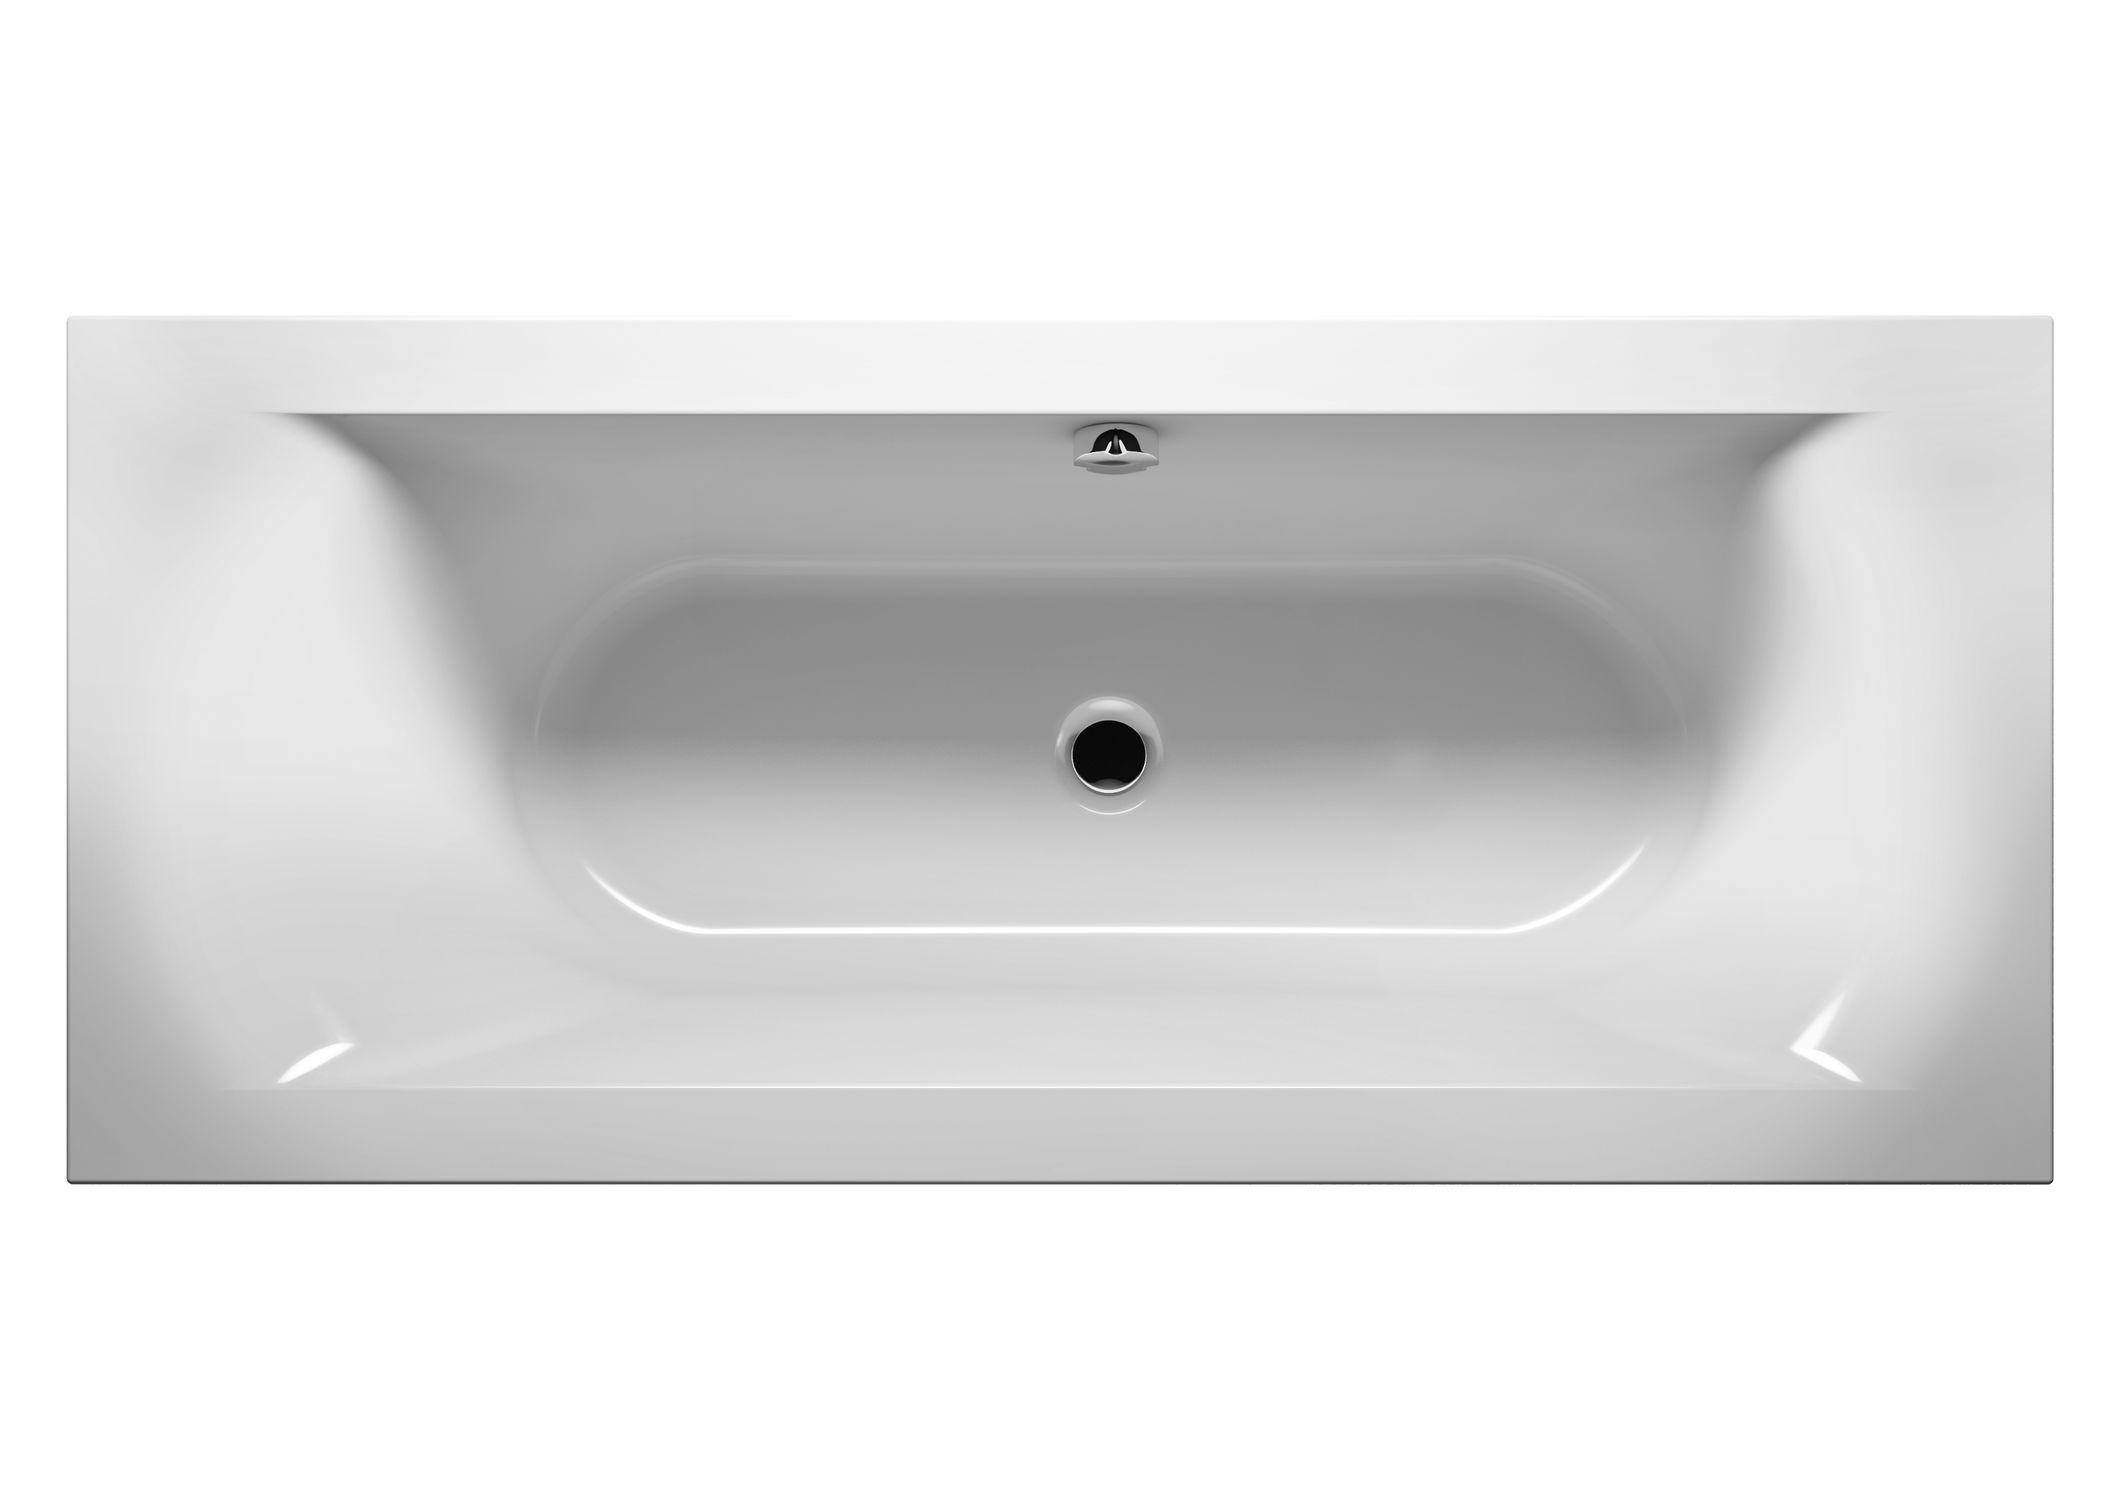 Comment Nettoyer Une Baignoire En Fonte Émaillée comment bien choisir sa baignoire ? - housquare le blog